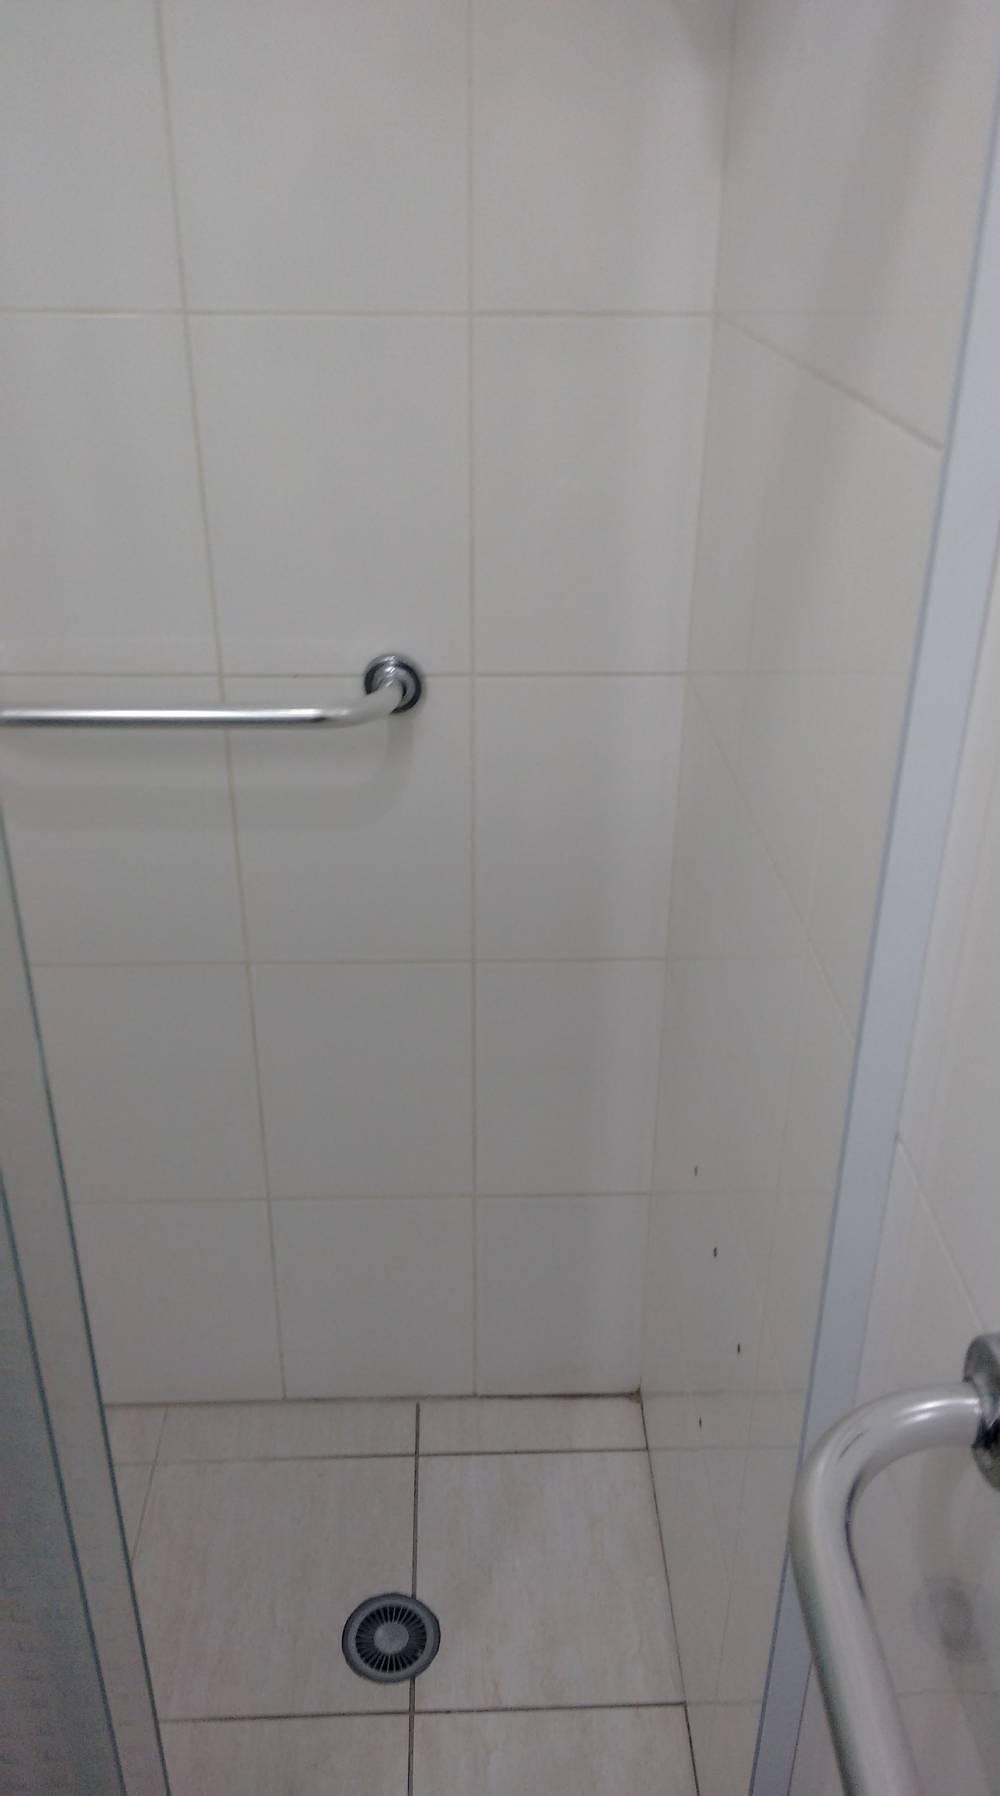 Preciso Fazer Reparos em Minha Residência na Nova Mauá - Reparos Residenciais SP